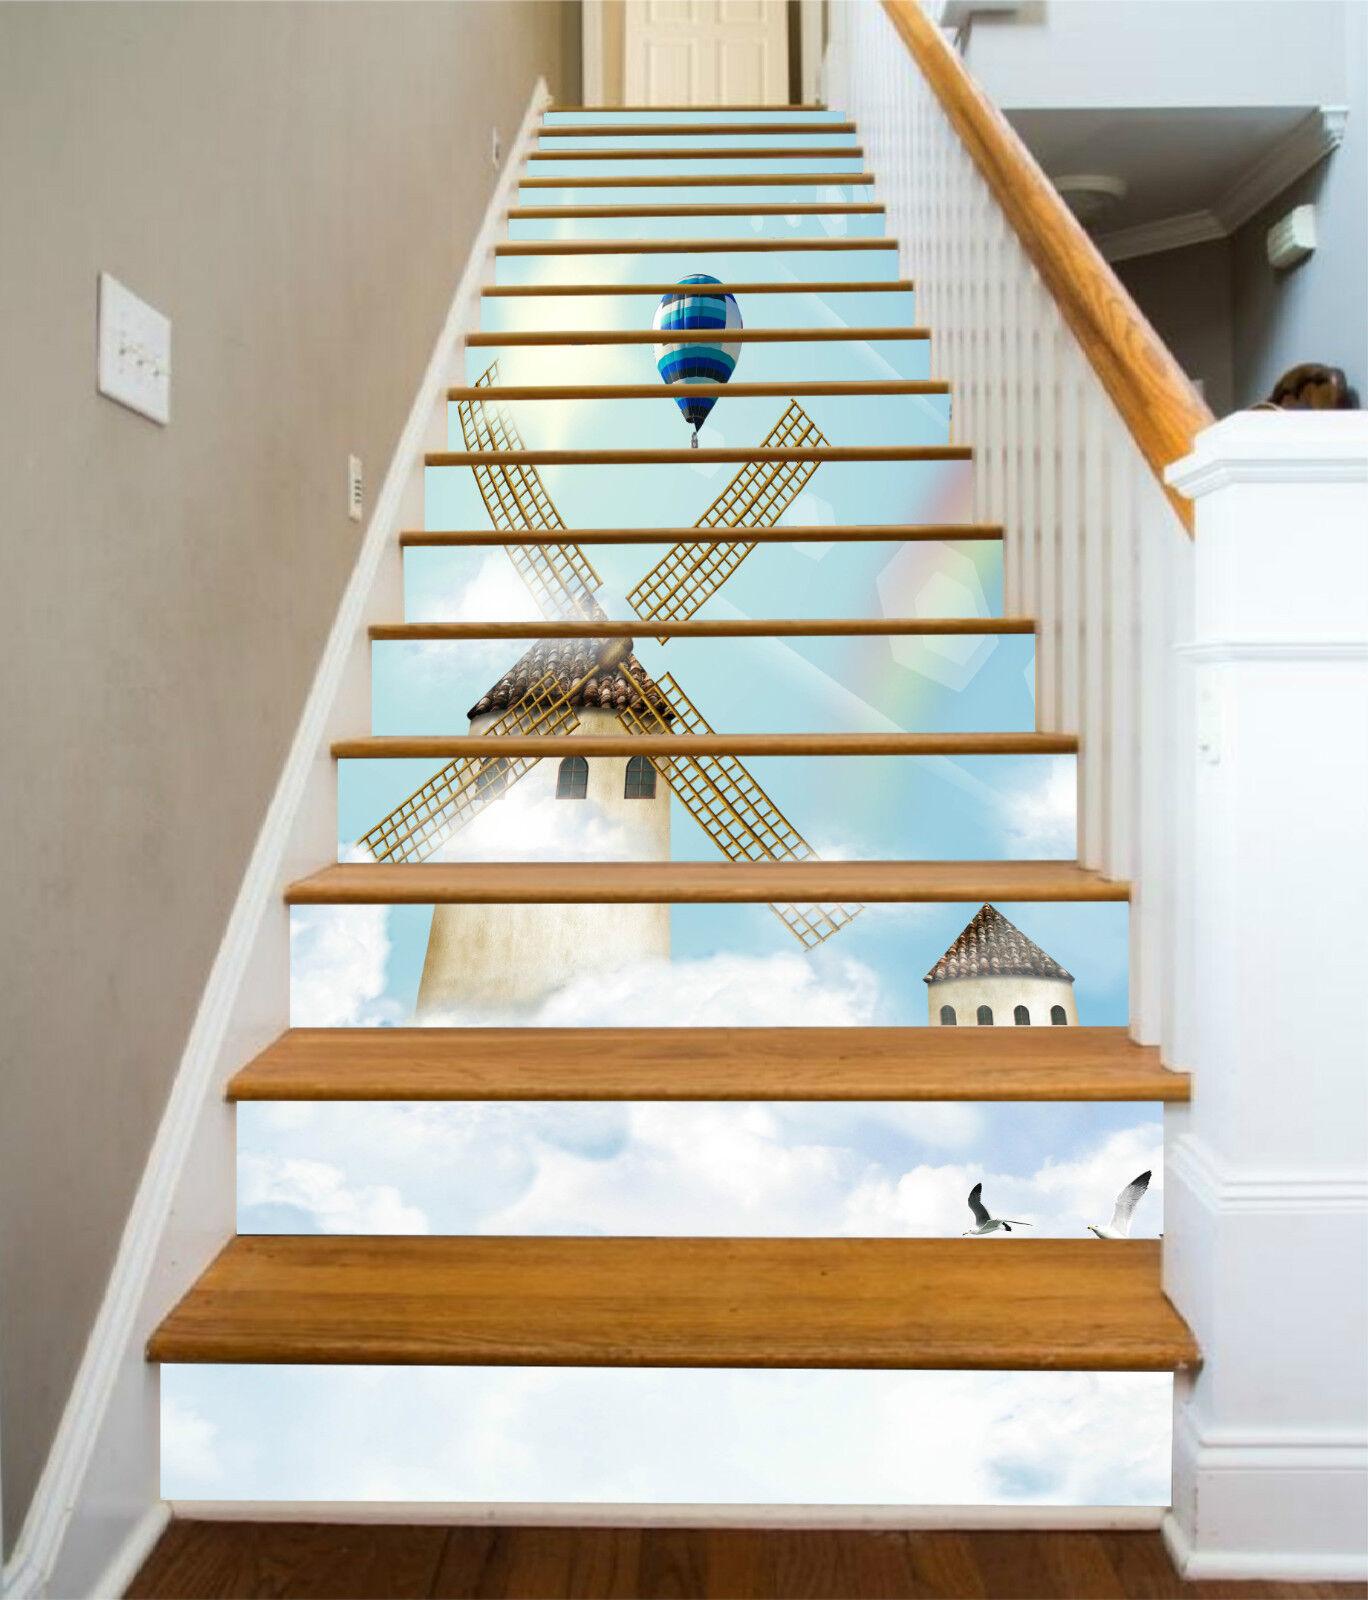 3D Wolke Malerei 6 Stair Risers Dekoration Fototapete Vinyl Aufkleber Tapete DE